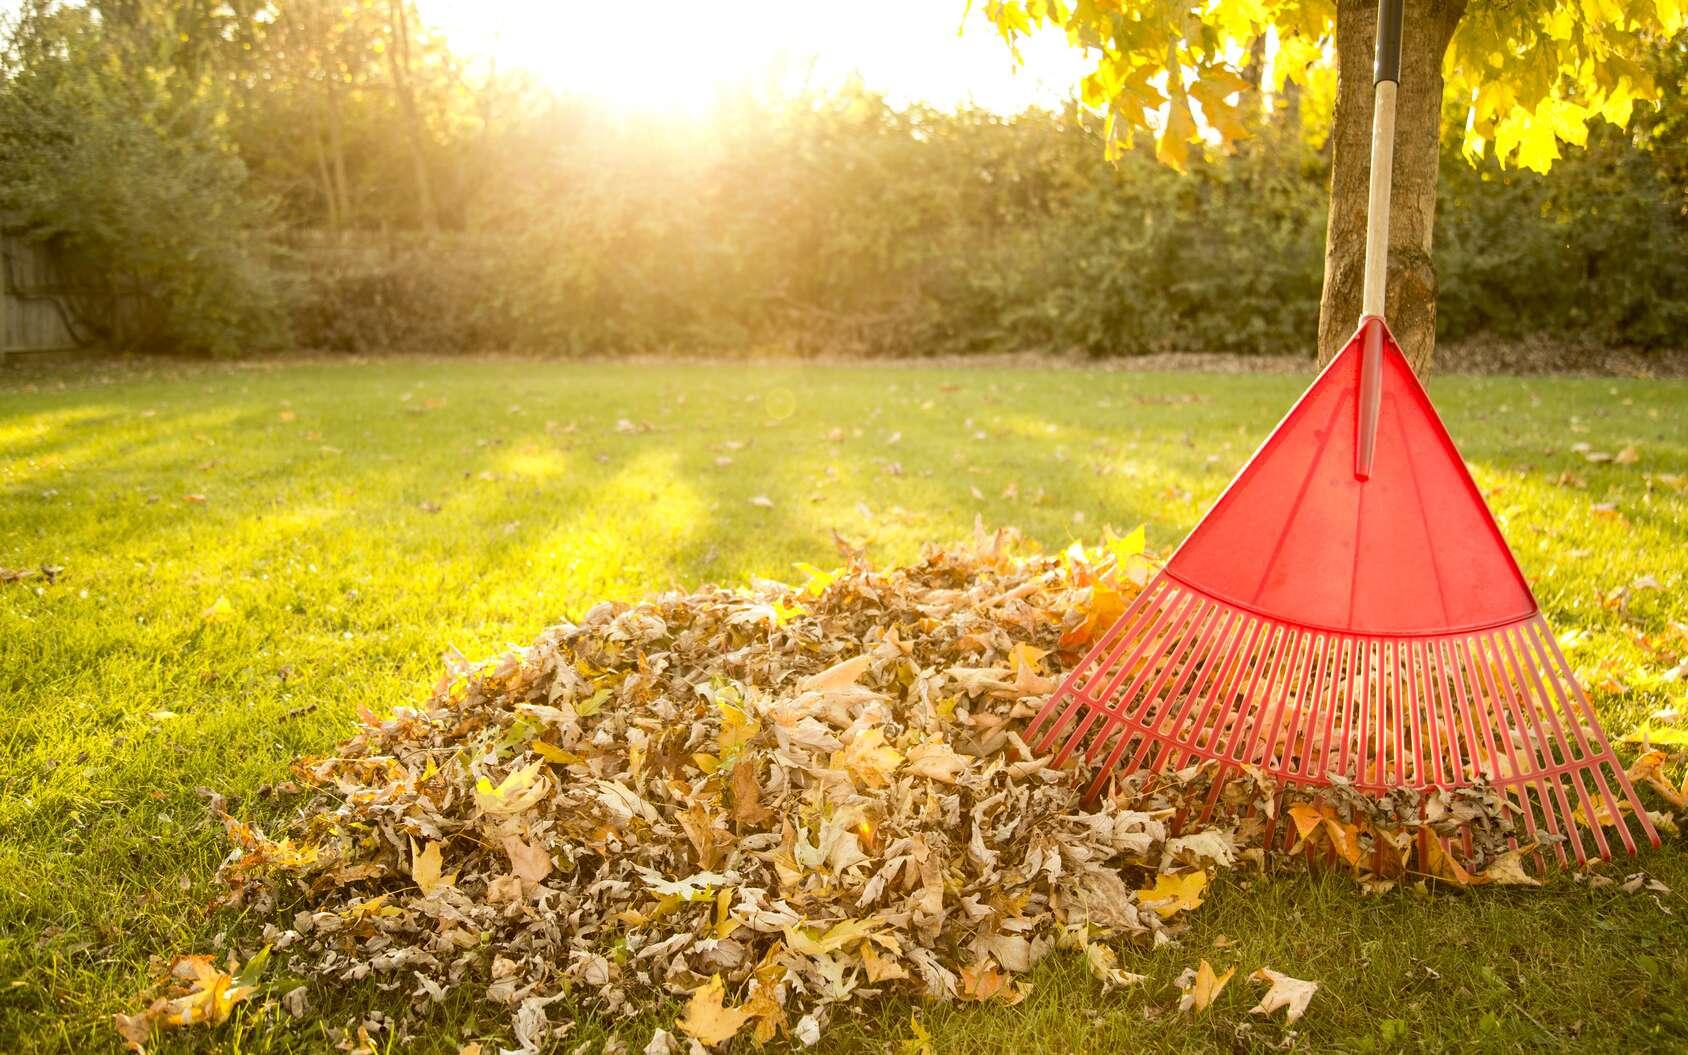 Les feuilles mortes ramassées à l'automne pourront être compostées ou servir de paillage aux jeunes plantations. © Todd Taulman, fotolia